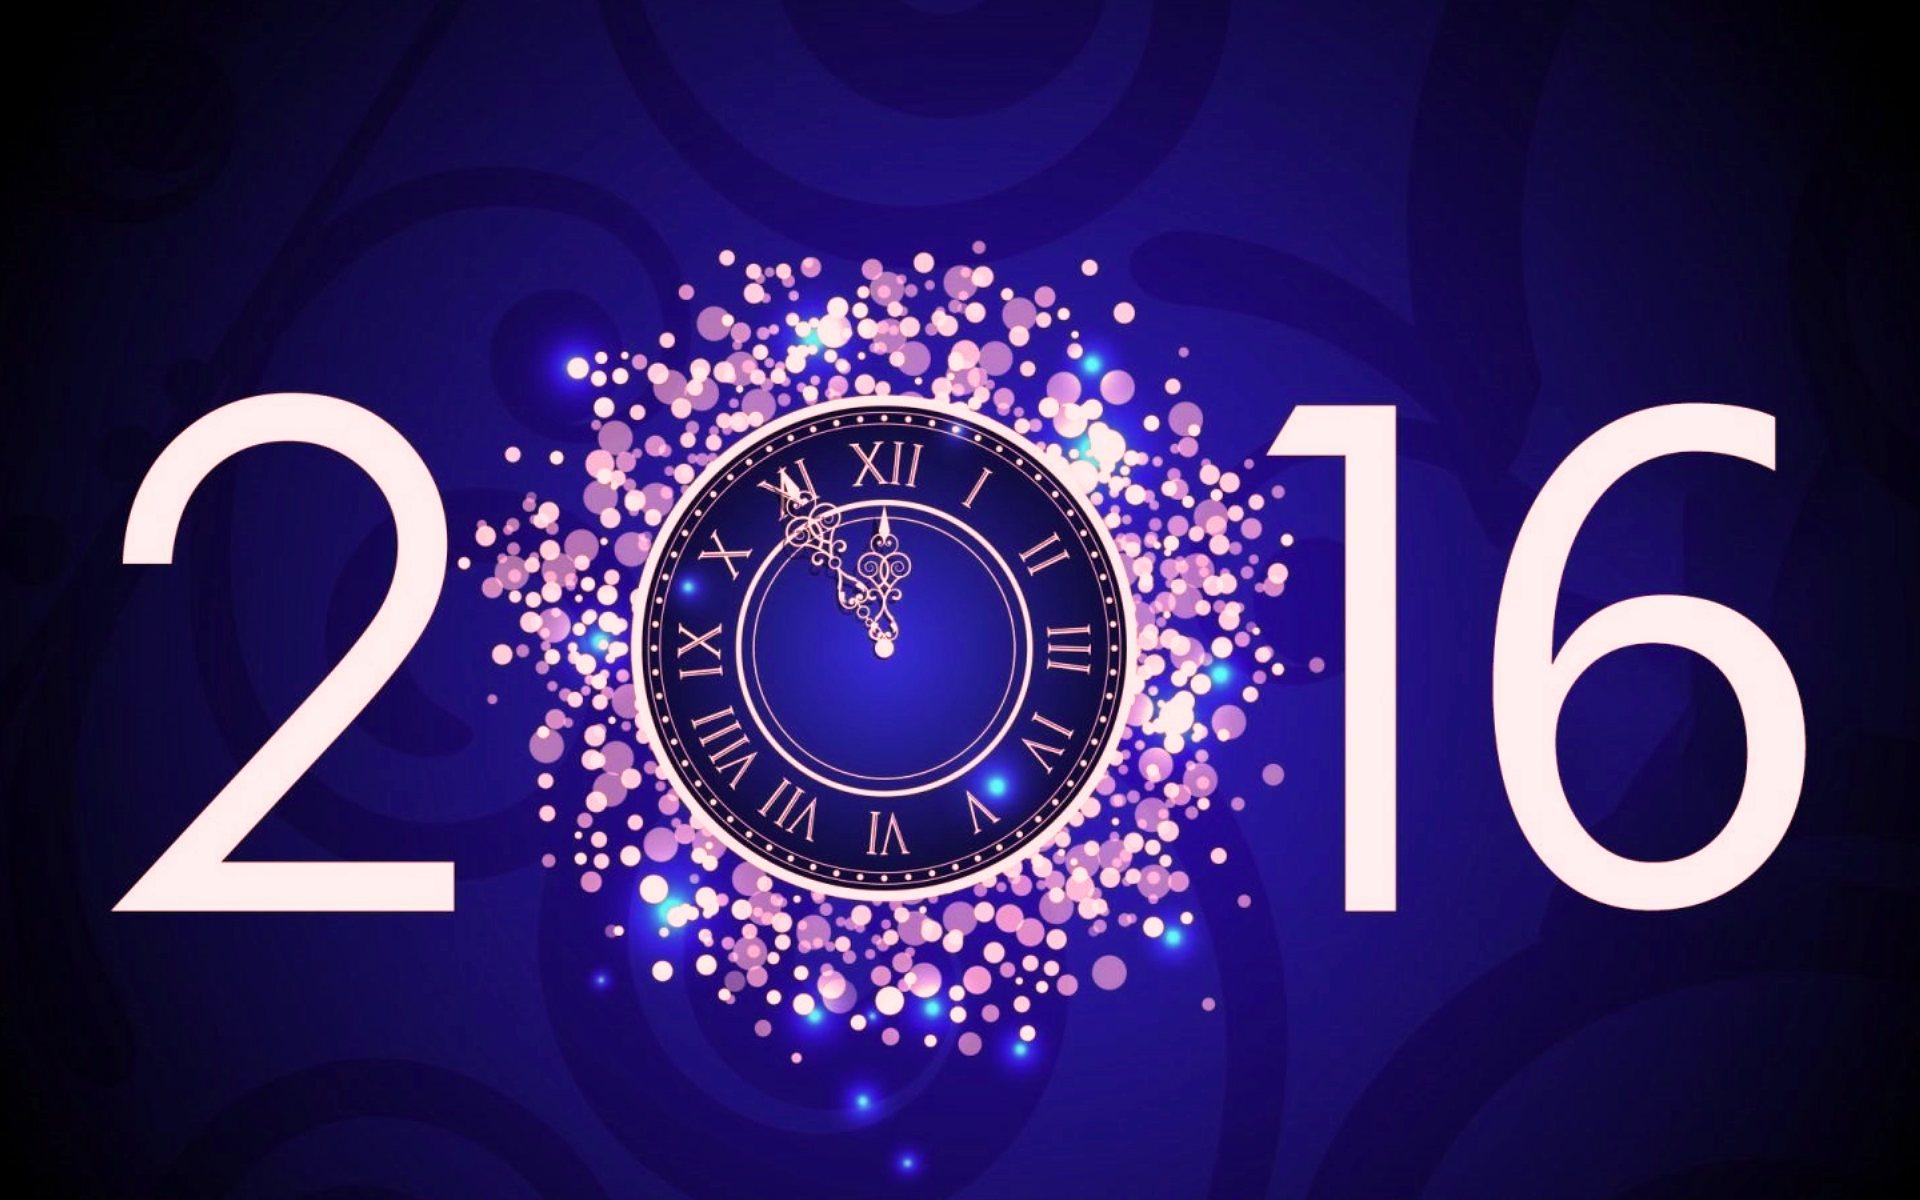 Без пяти минут 2016 - C наступающим новым годом 2020 поздравительные картинки